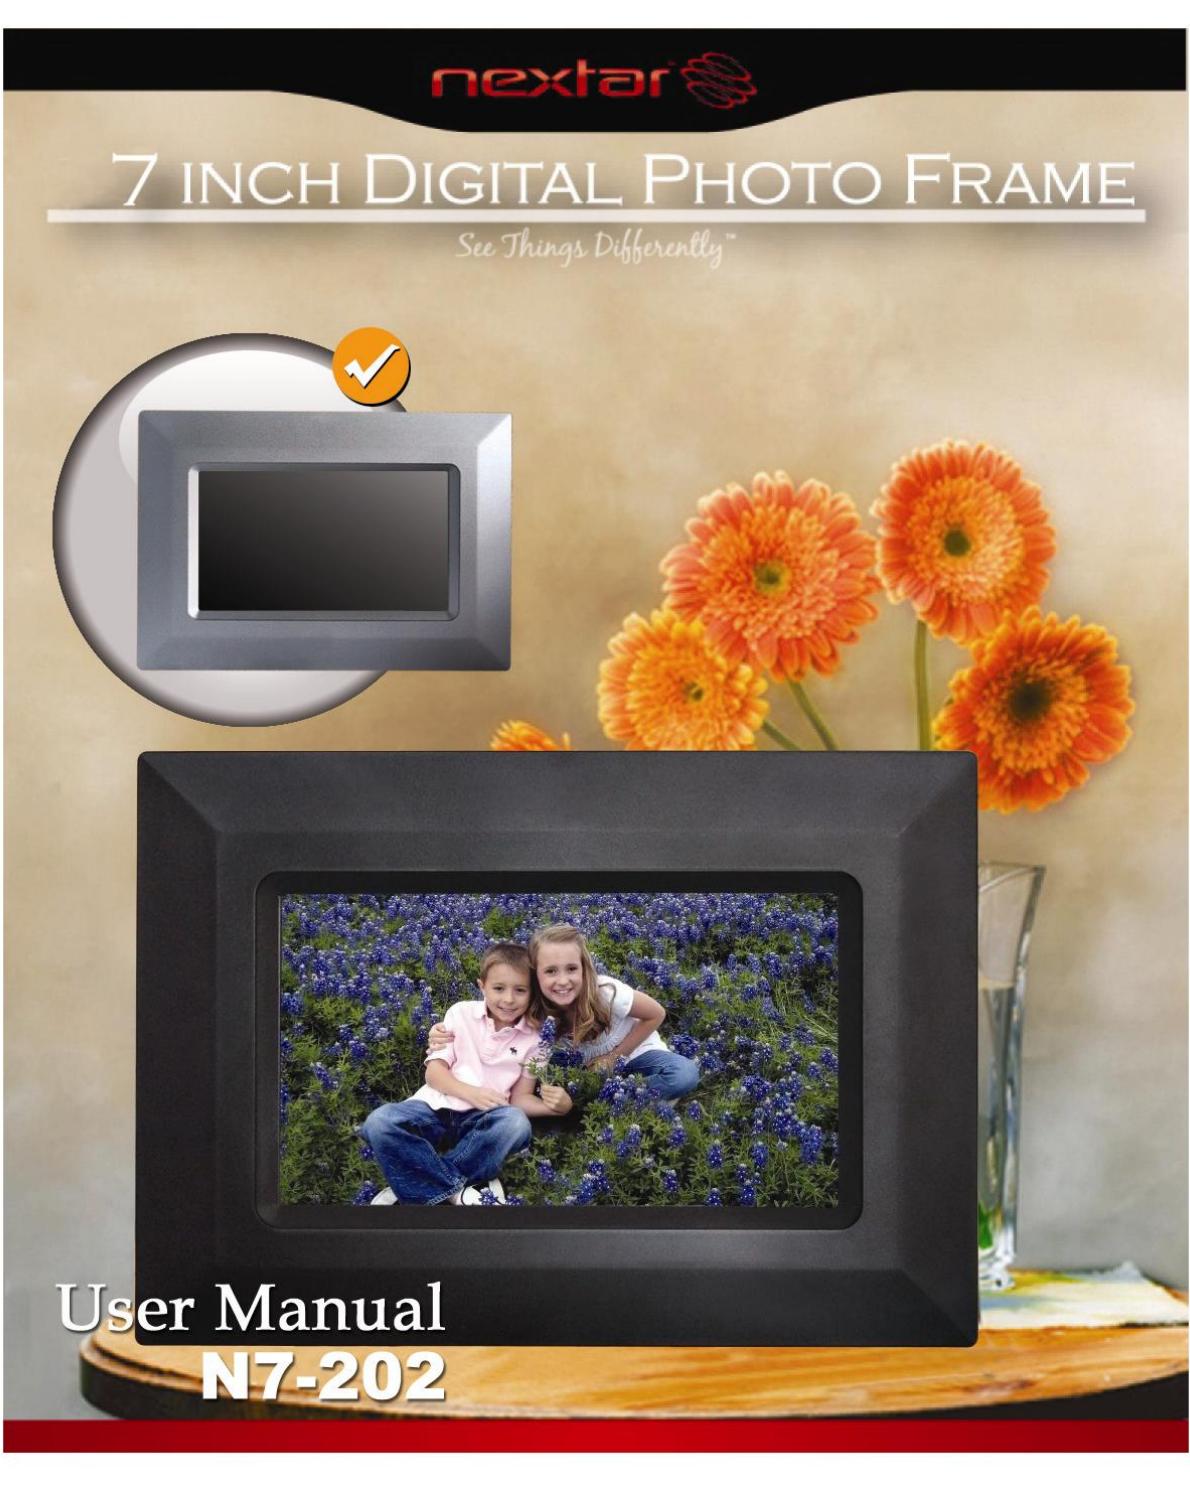 Nextar Digital Photo Frame N7-202 User Guide | ManualsOnline.com